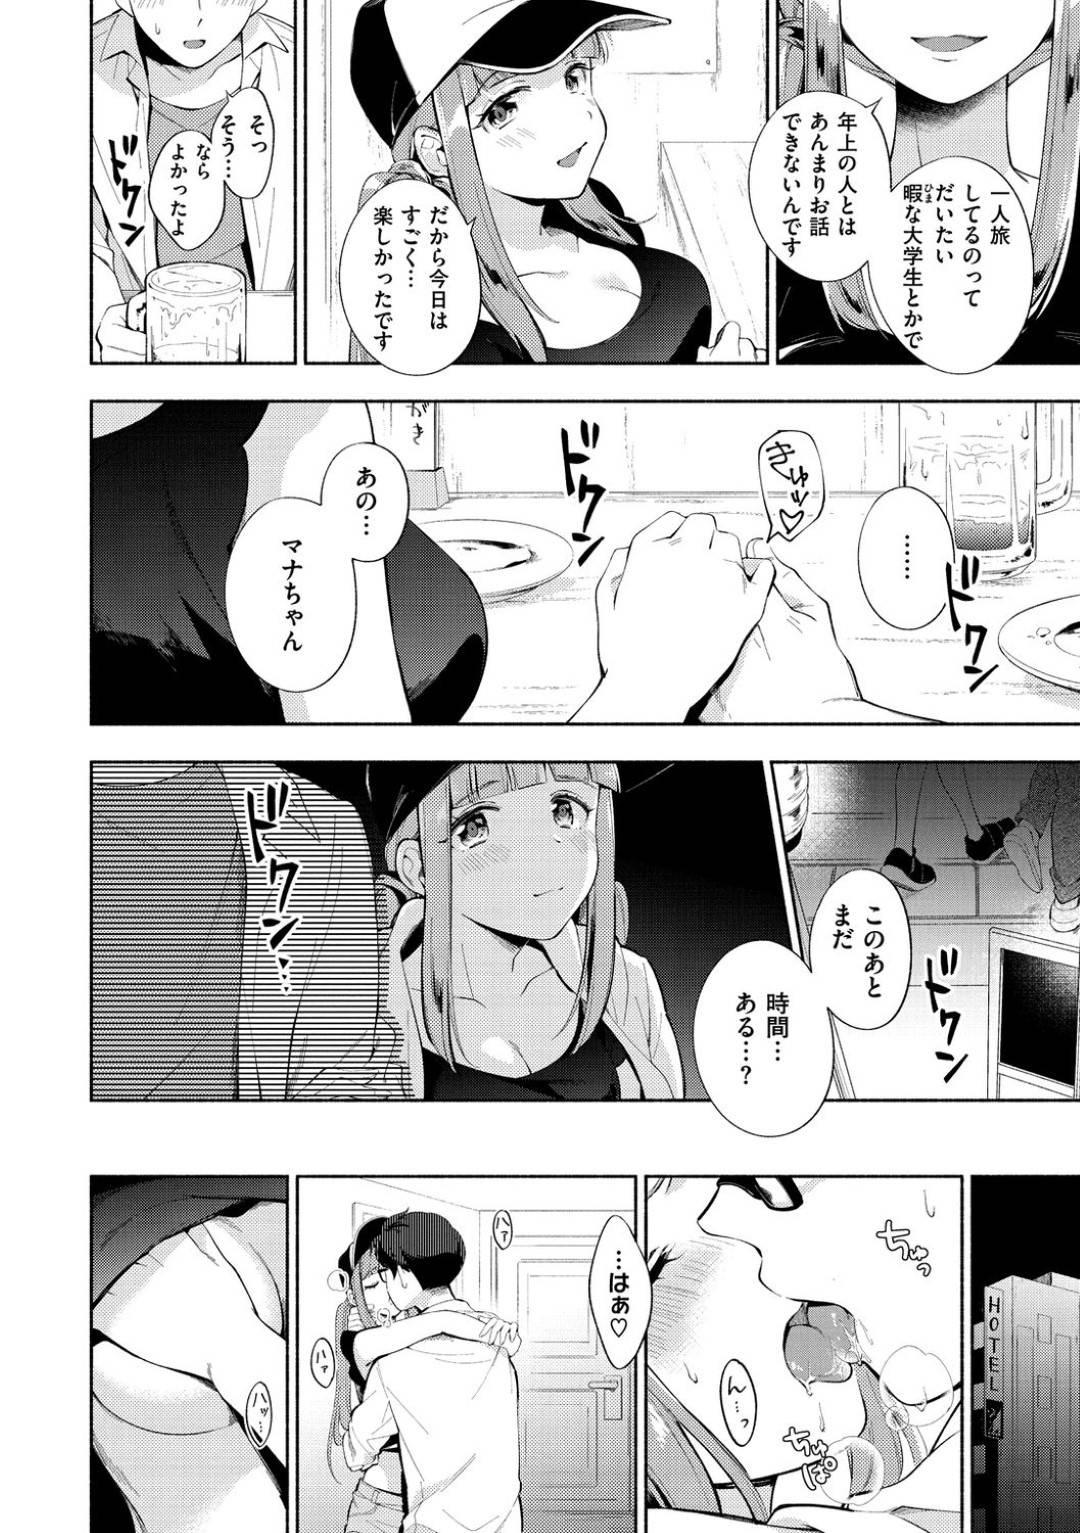 【エロ漫画】ひとり旅をしている女の子に偶然出会った男…ご飯を一緒に食べた後ホテルへ行って連続セックスで最後は中出し【Wantan Meo:ふたりたび】